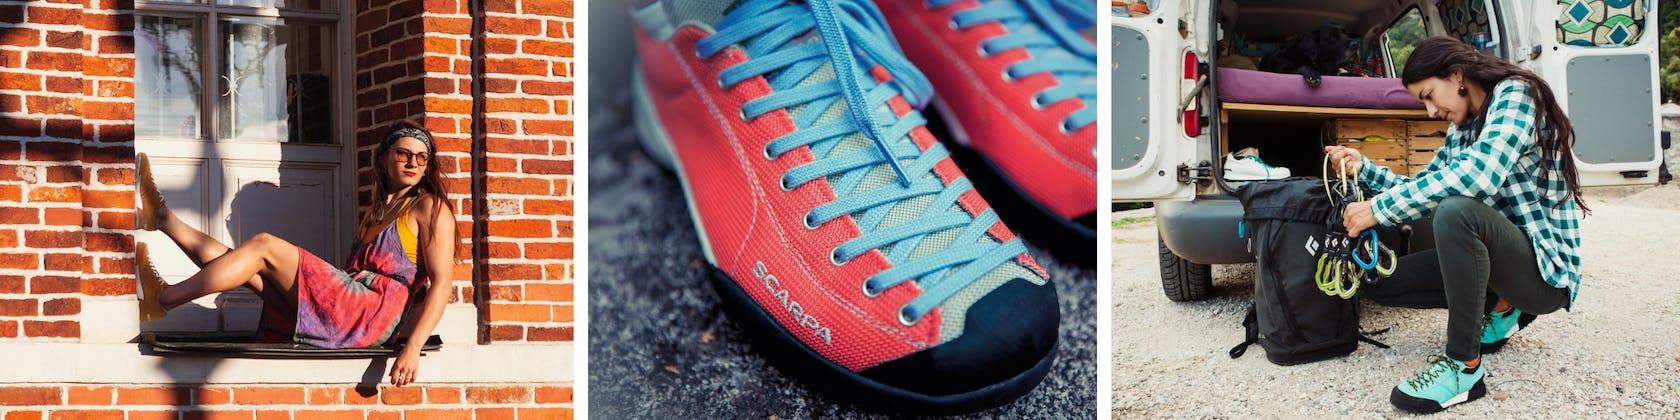 Scarpa Onlineshop Urban Outdoor Schuhe Herren und Damen